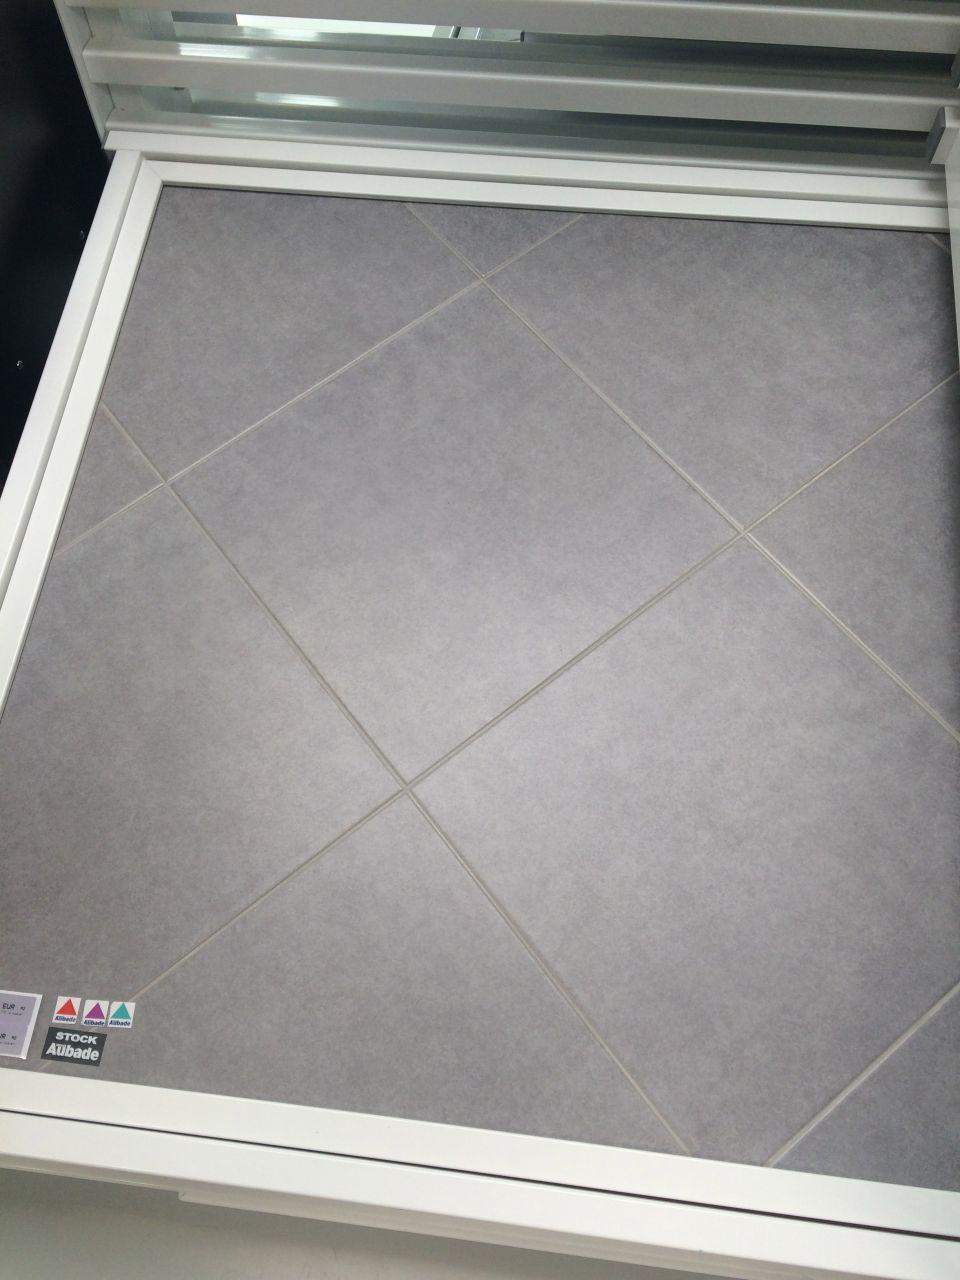 Choix du carrelage pièce principale  - Dimension 41x41 - Magasin Aubade dans la gamme du catalogue constructeur - réf : FEEL CINZA W41735